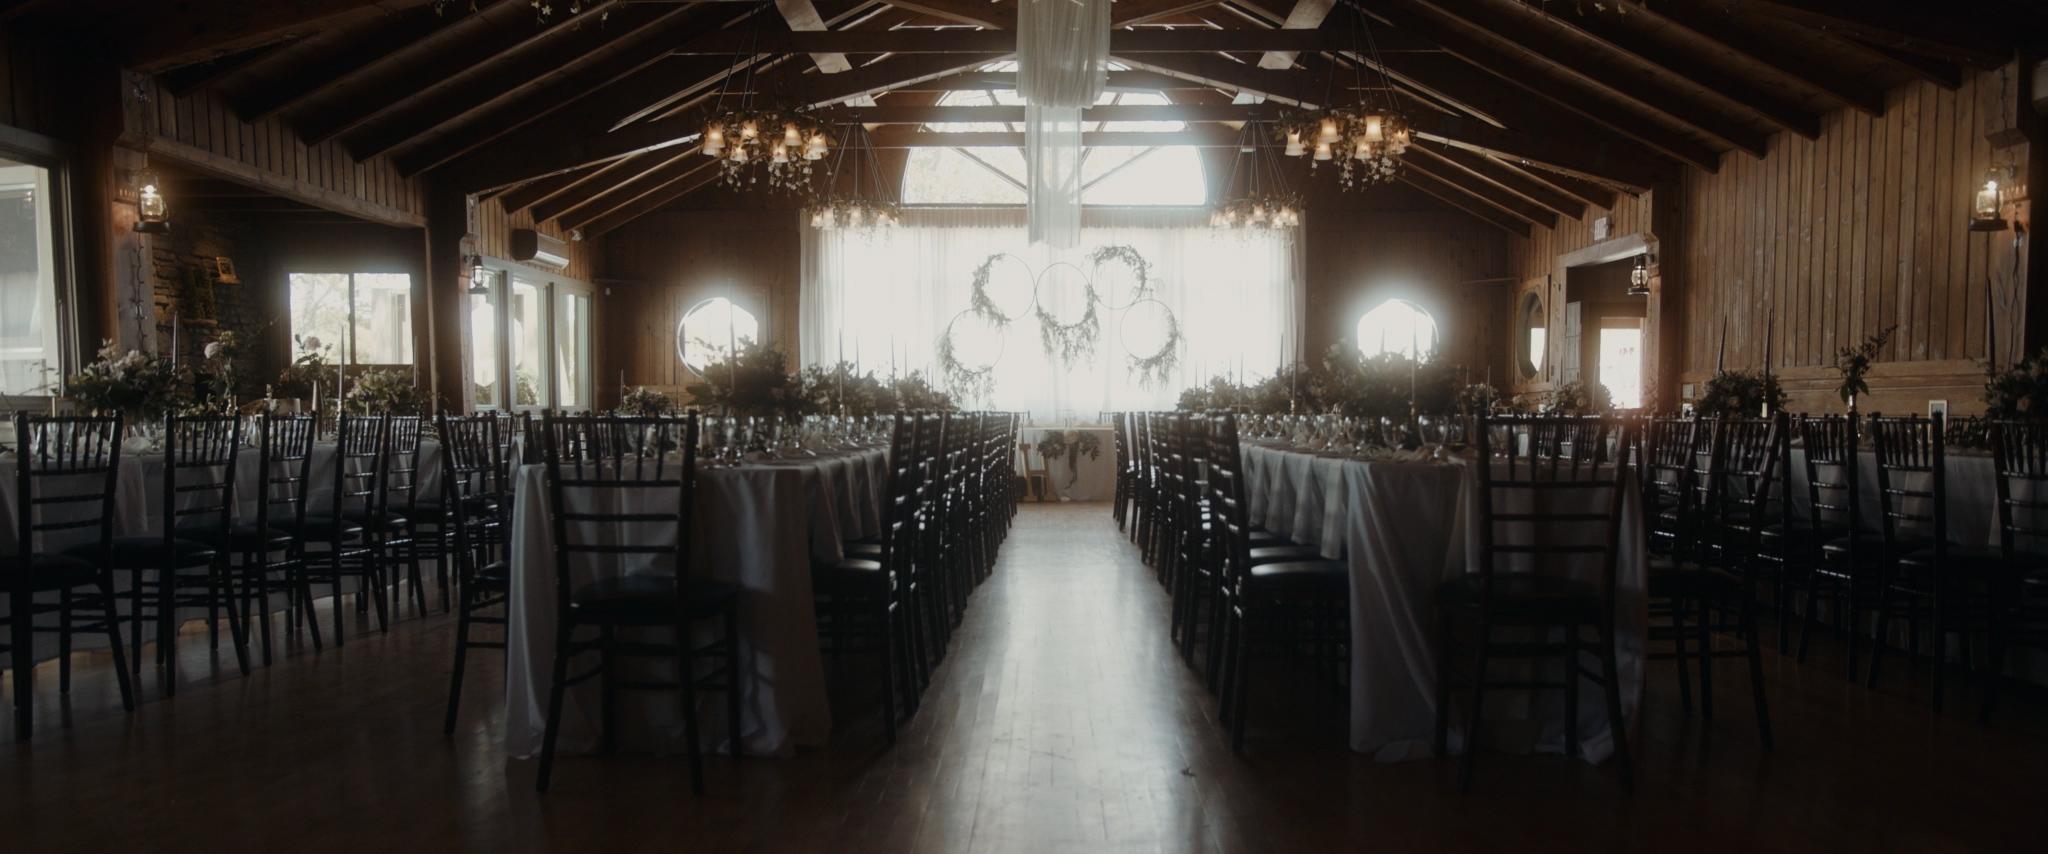 HAVENS_Wedding_Film.00_04_46_03.Still055.jpg